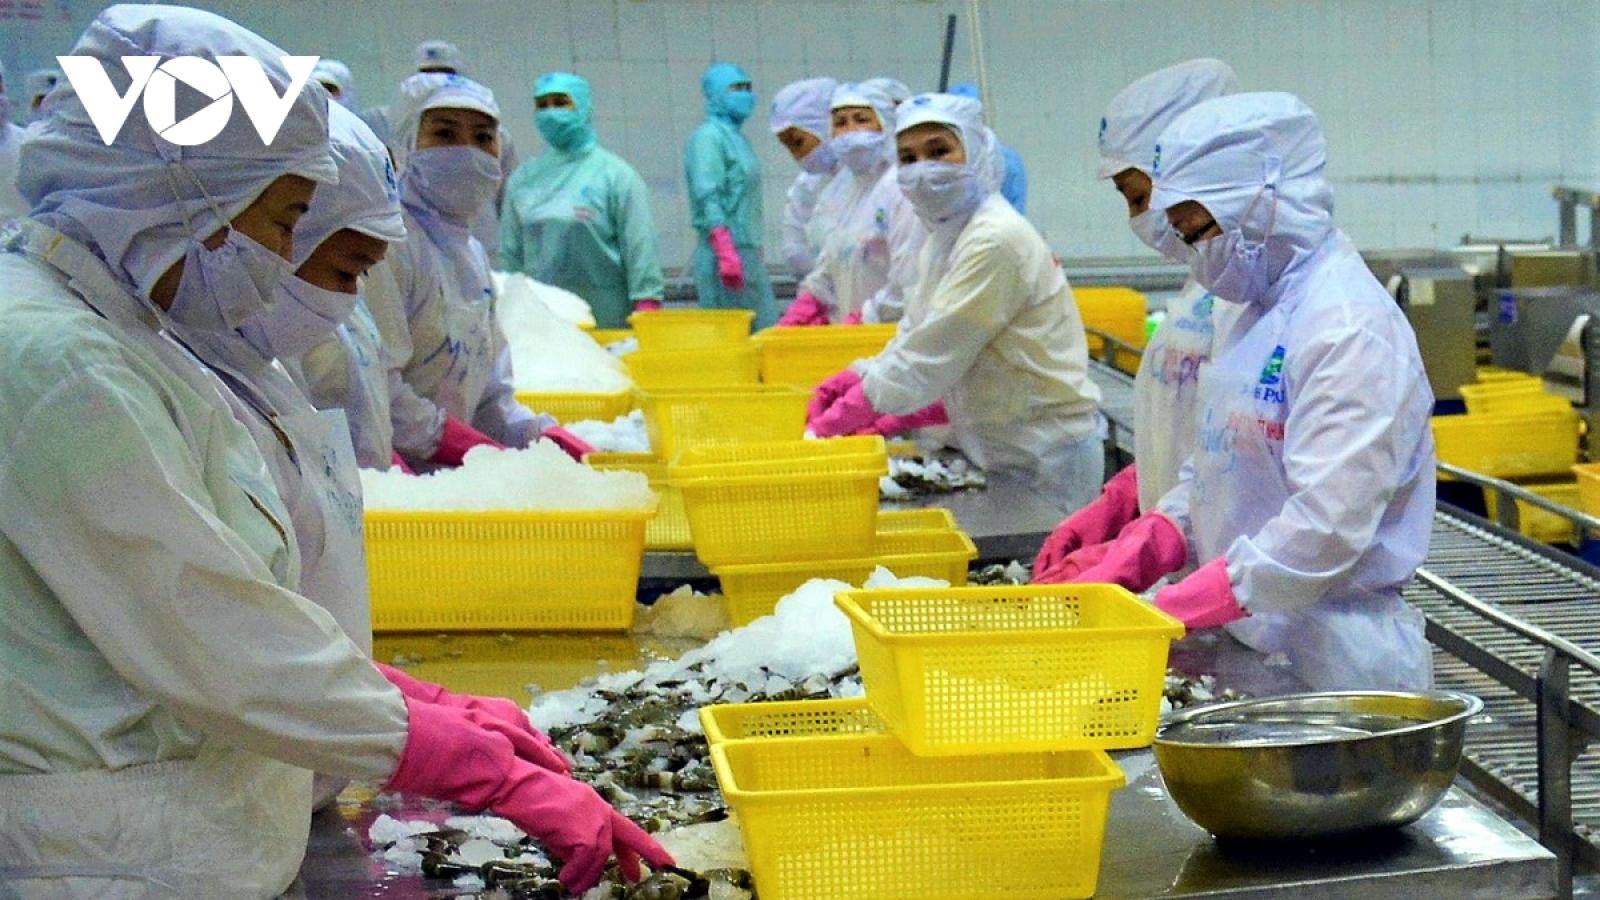 Thủy sản Cà Mau chỉ lên đến được Cần Thơ, vùng nuôi ứ thừa, siêu thị khan hiếm